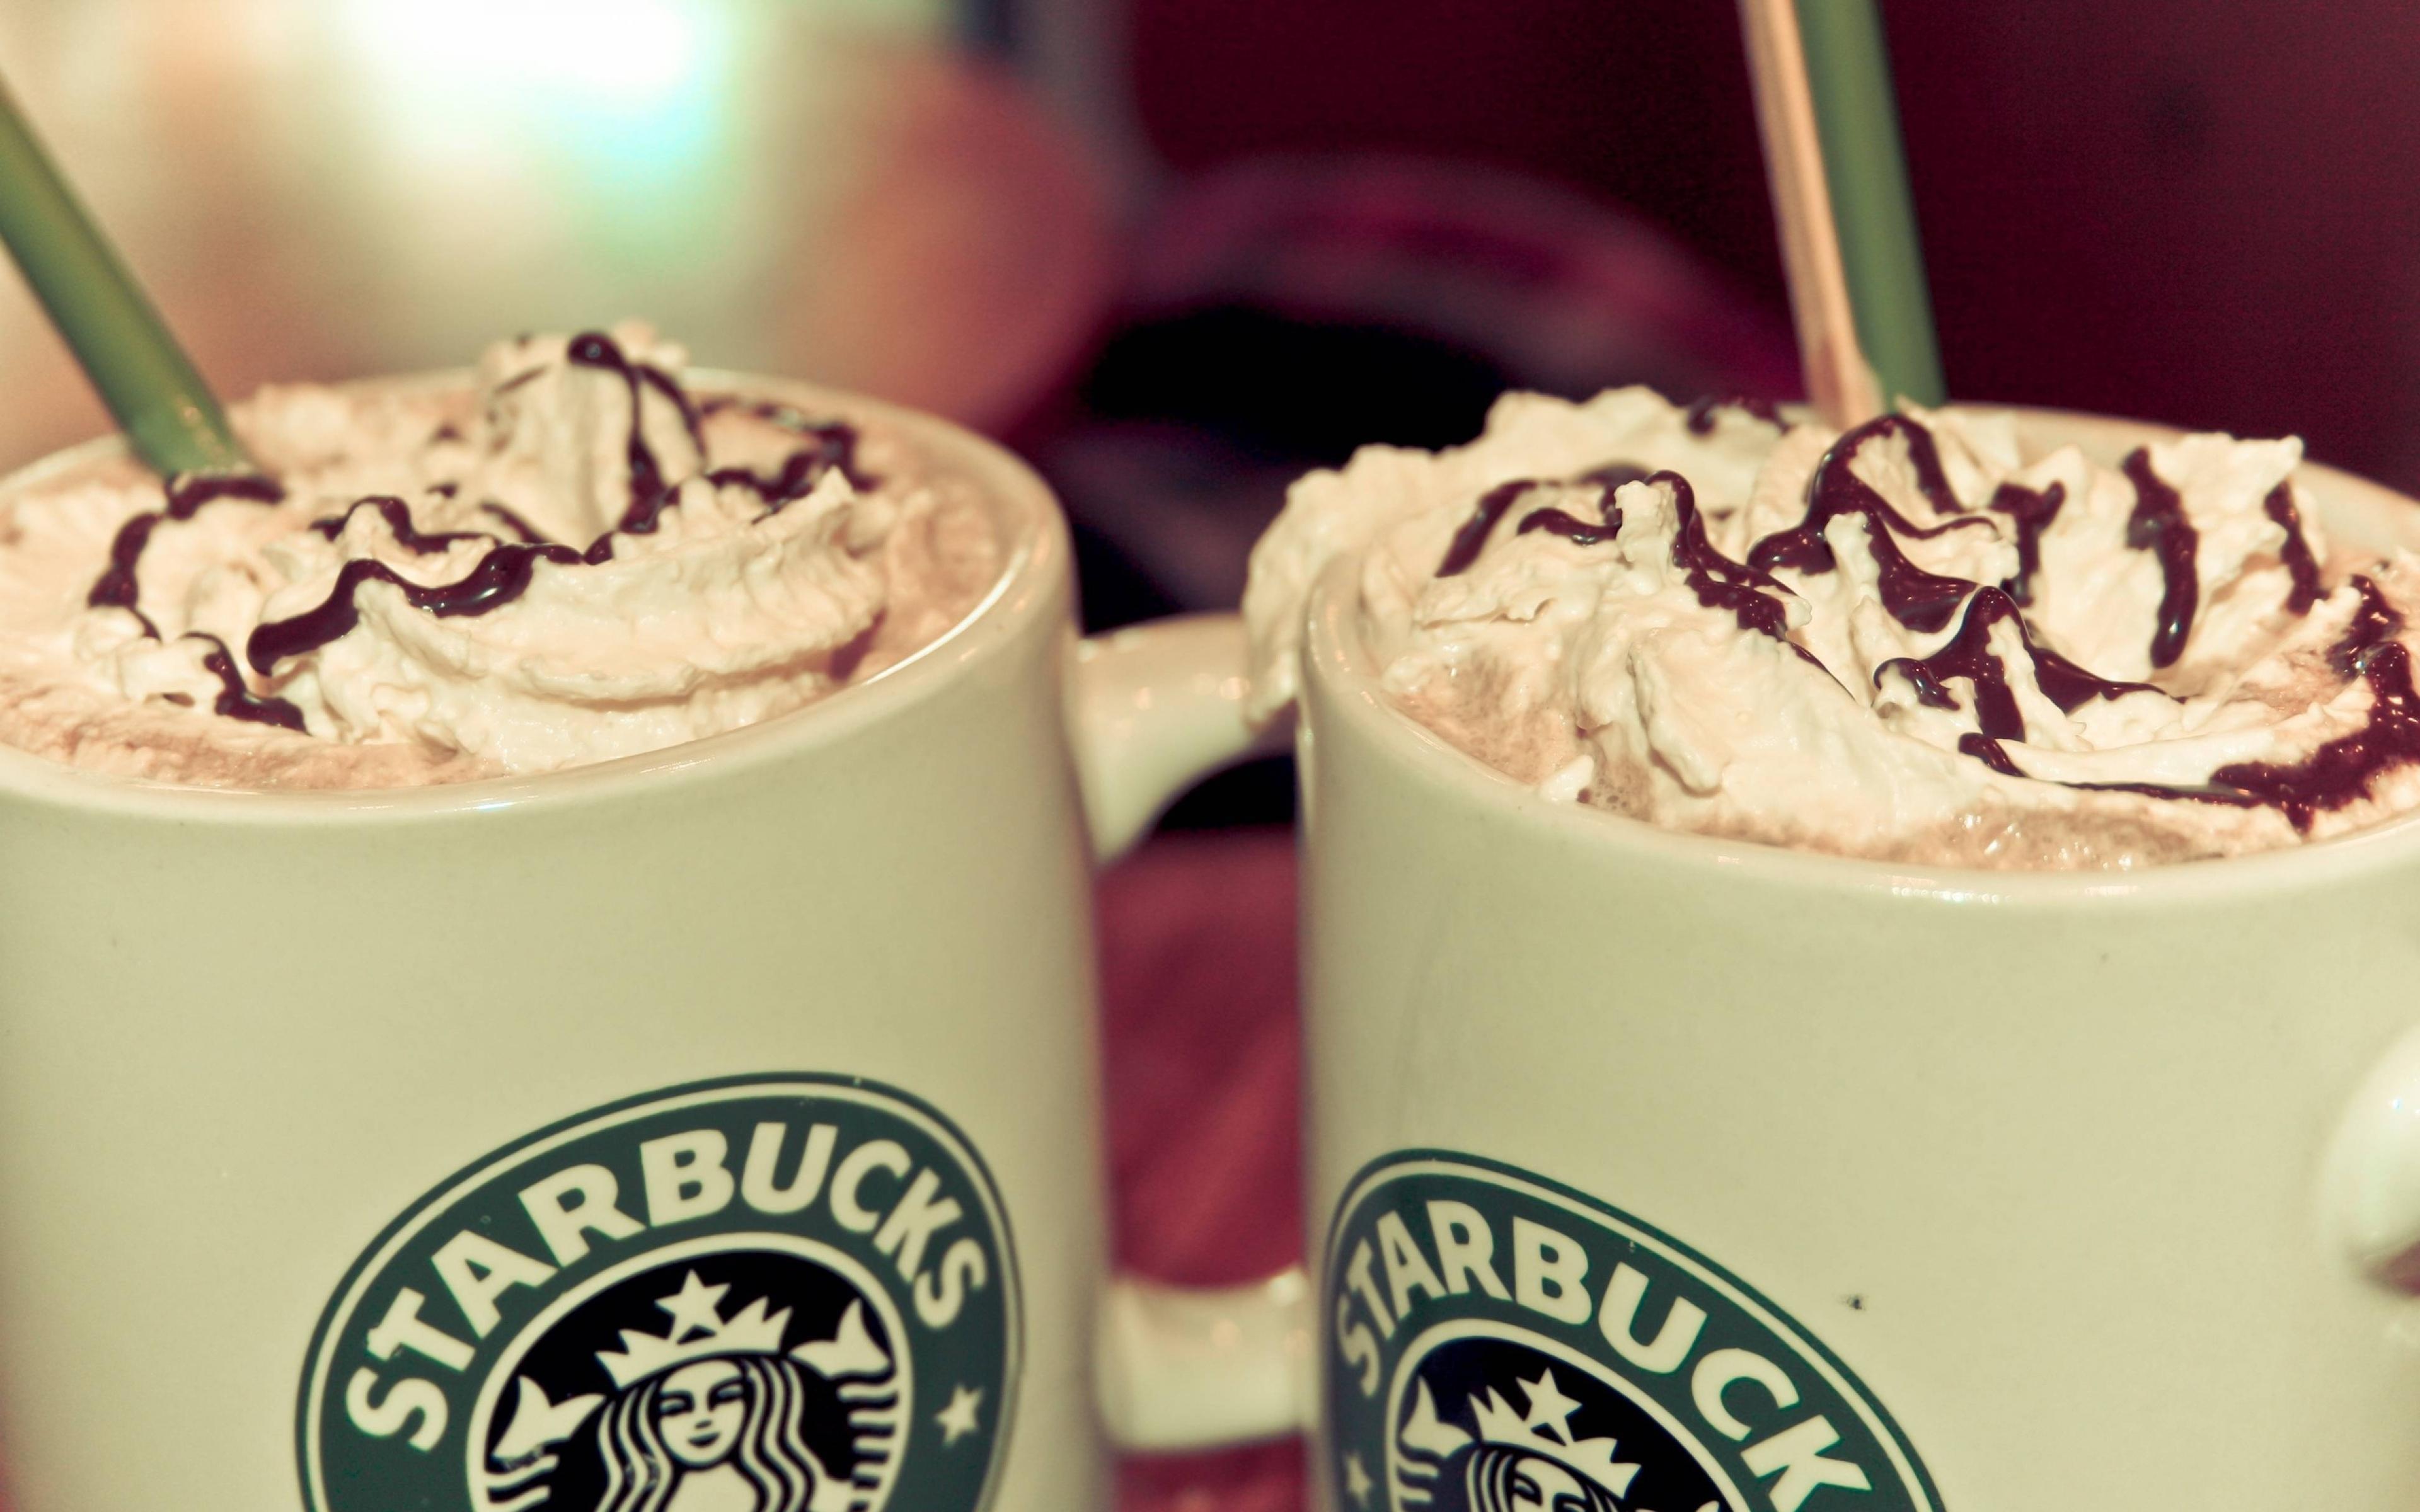 Starbucks Wall Paper - impremedia.net